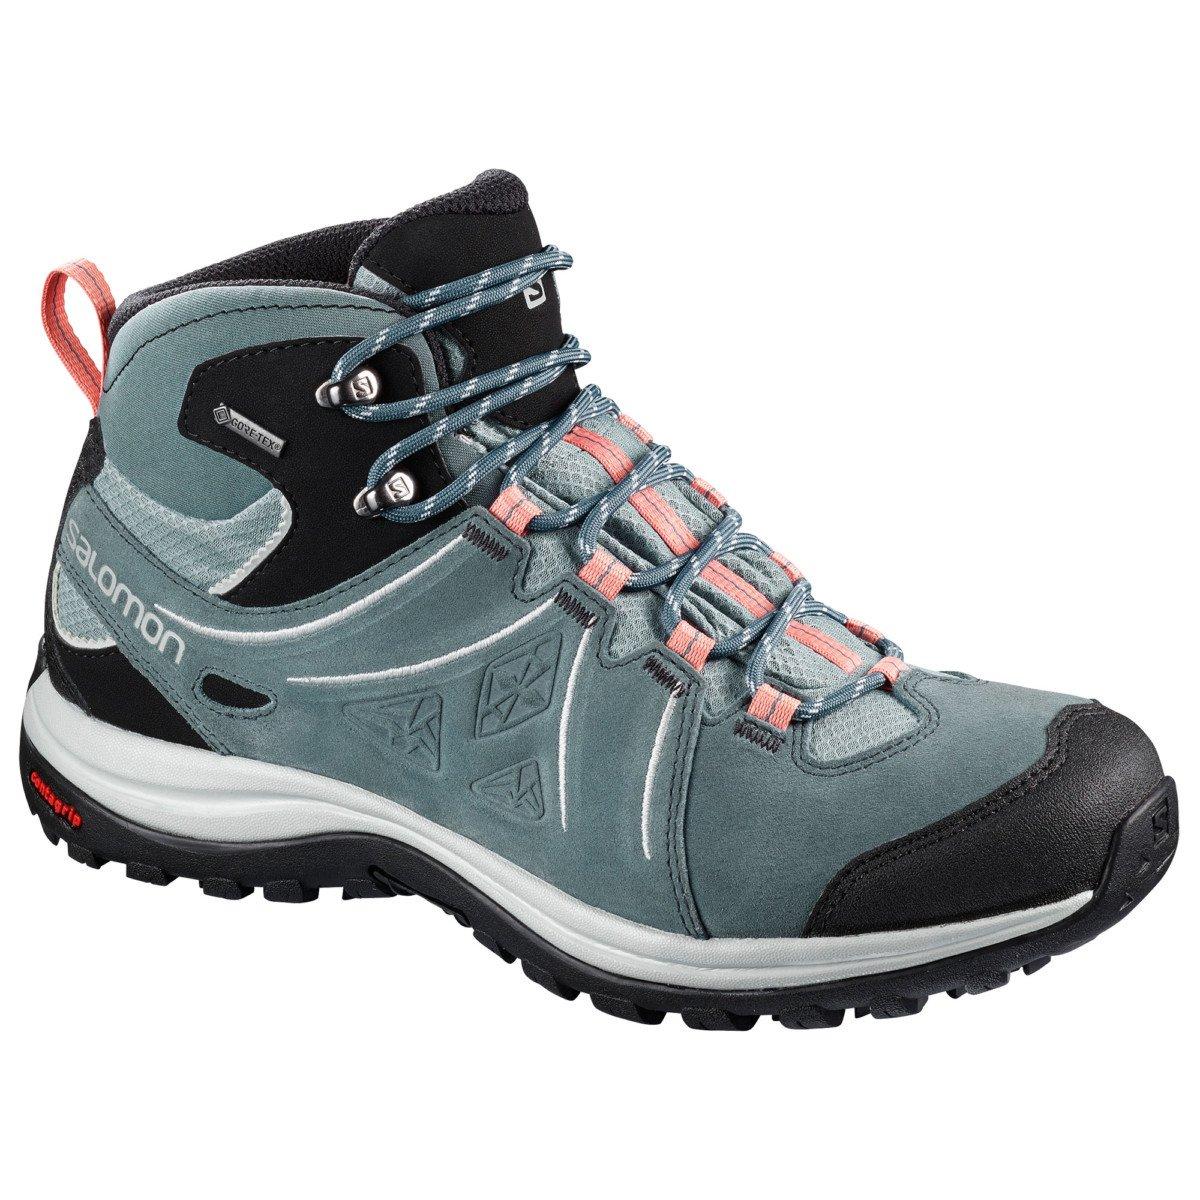 SALOMON Ellipse 2 Mid LTR GTX W Chaussures de Trail Femme